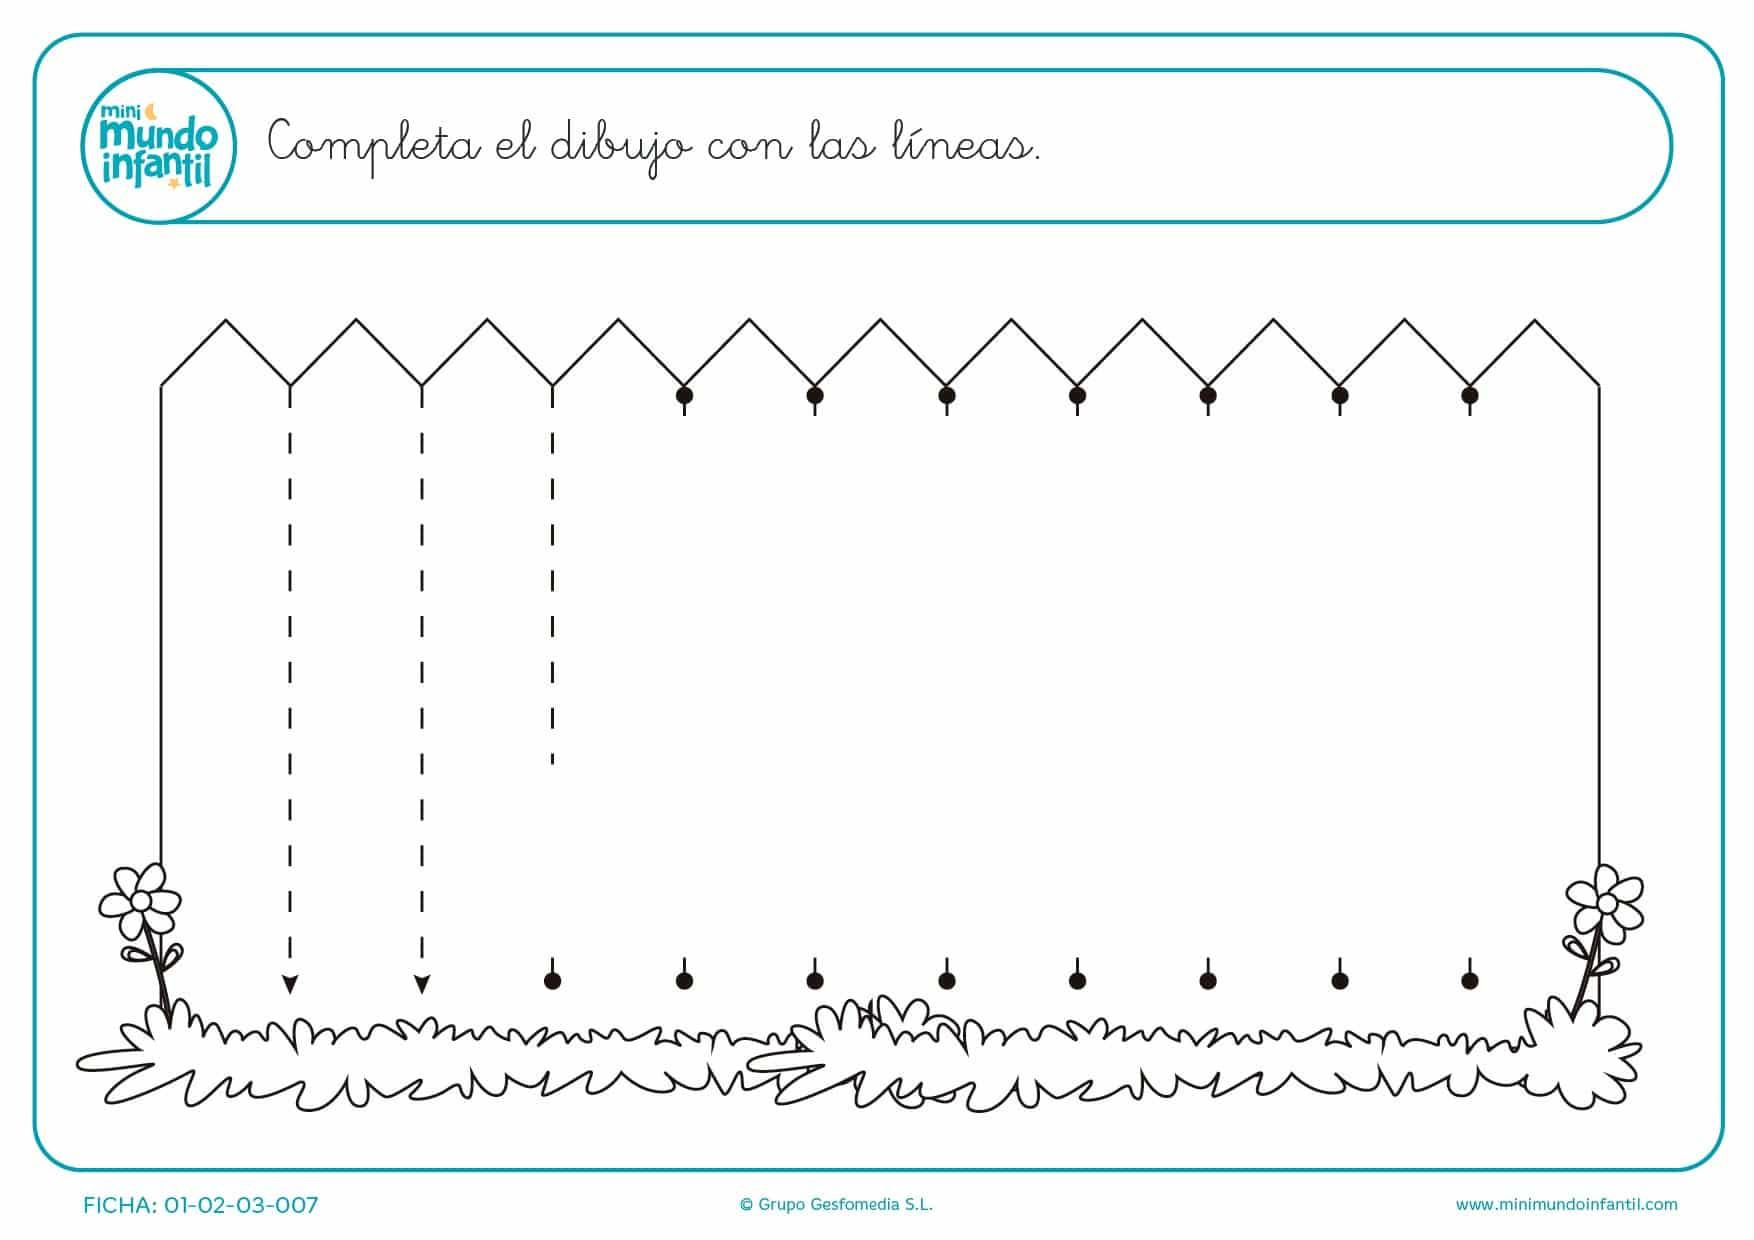 Ejercita trazos verticales practicando en el dibujo de la valla